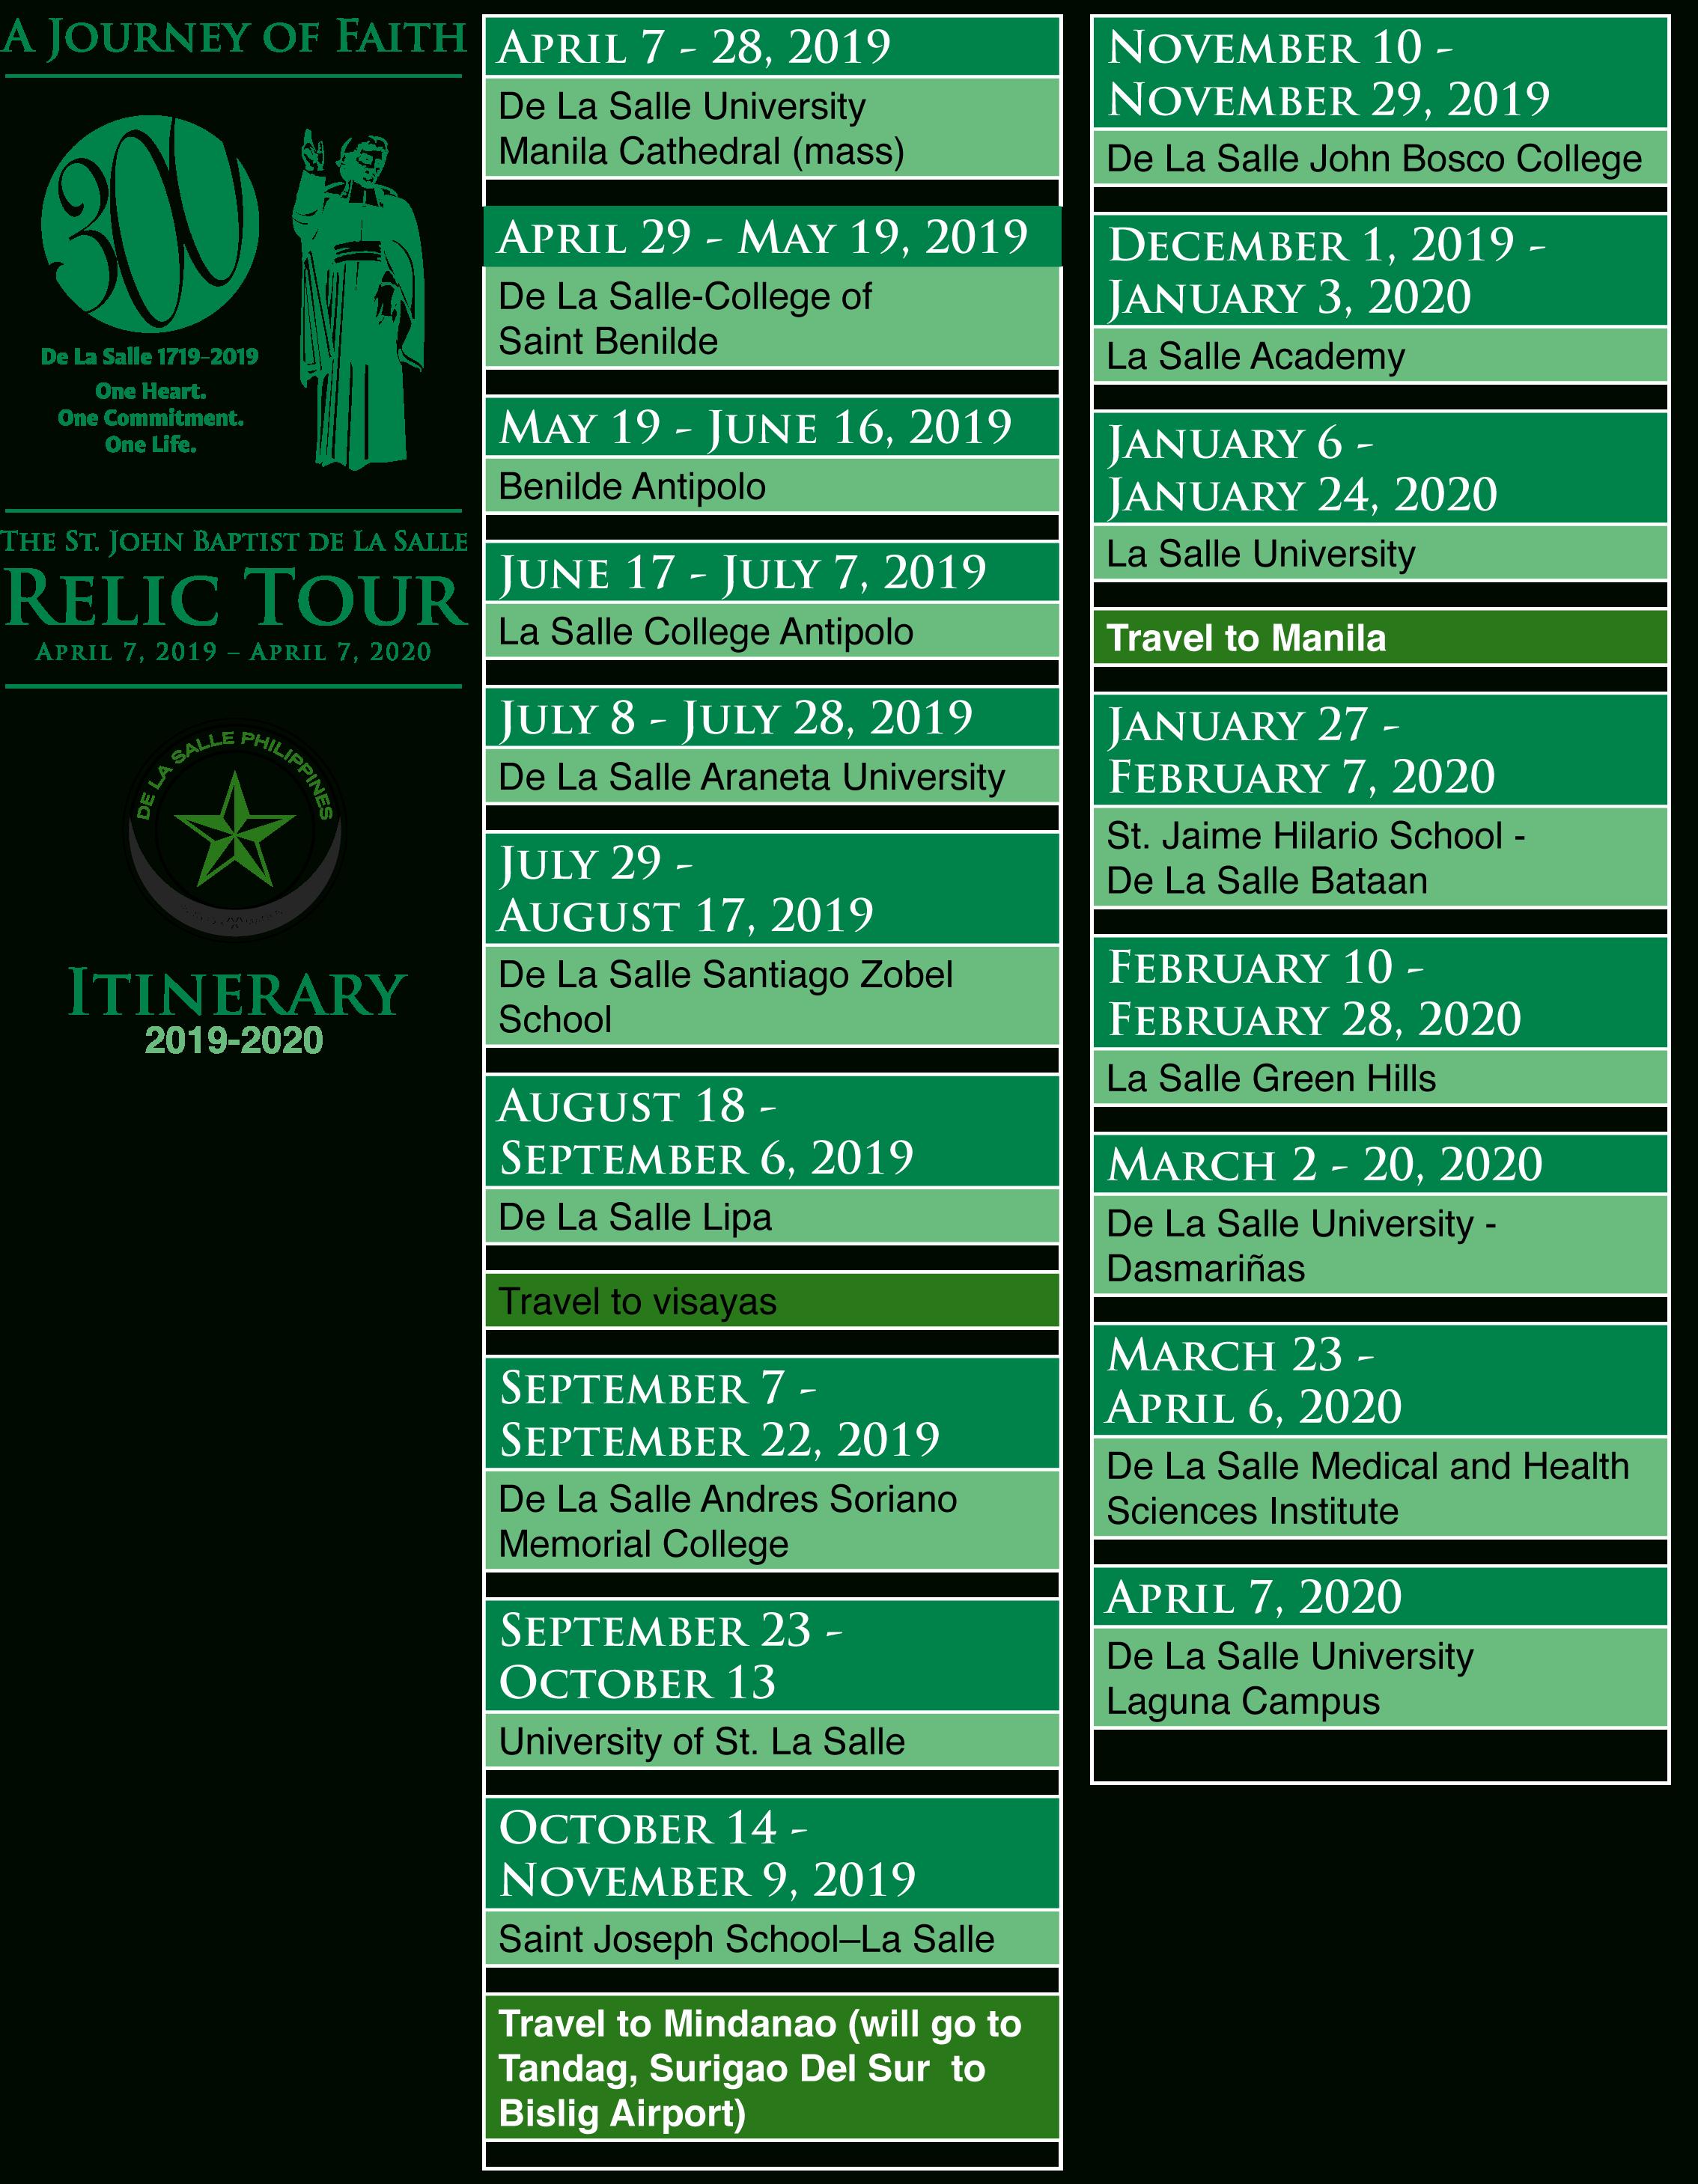 Proposed Itinerary Of The Relic 2019 2020  Pdf V1 - De La For La Salle University Calander